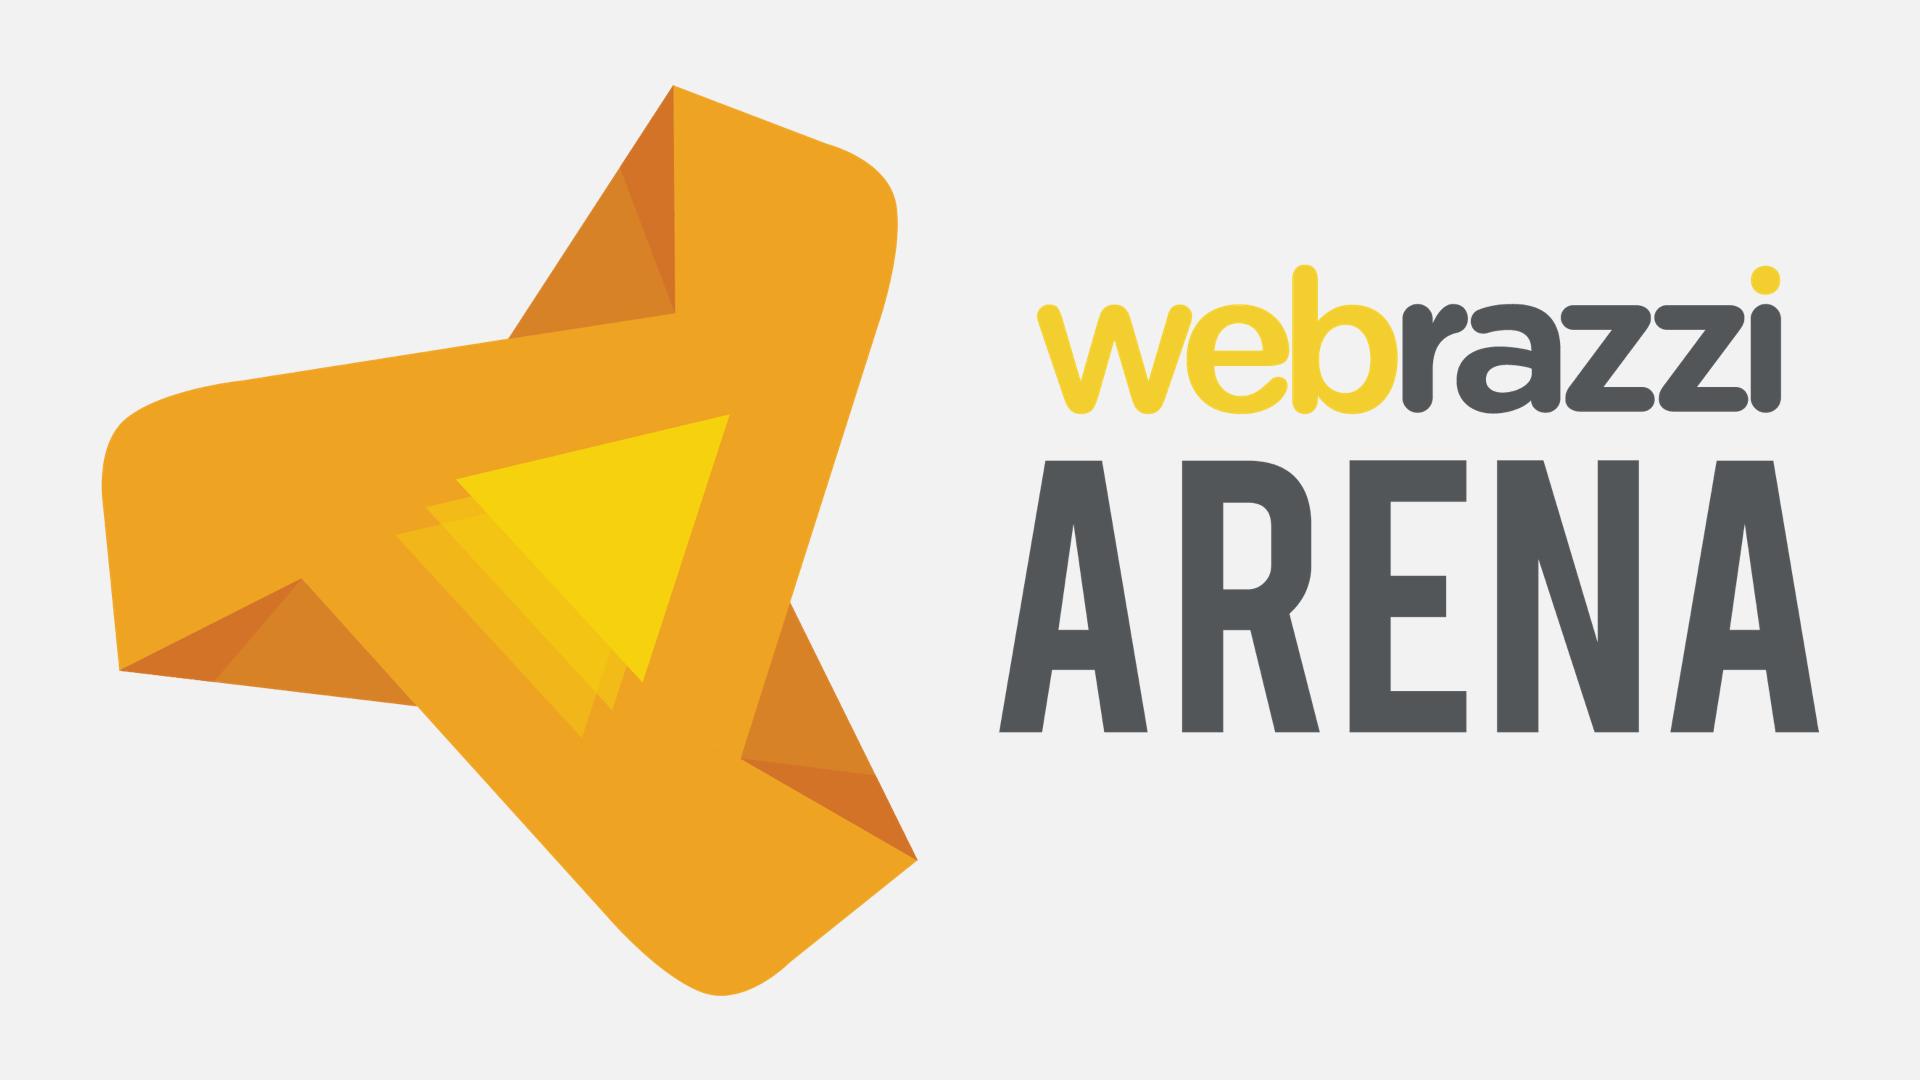 Webrazzi Arena 2020'de sunum yapan girişimler